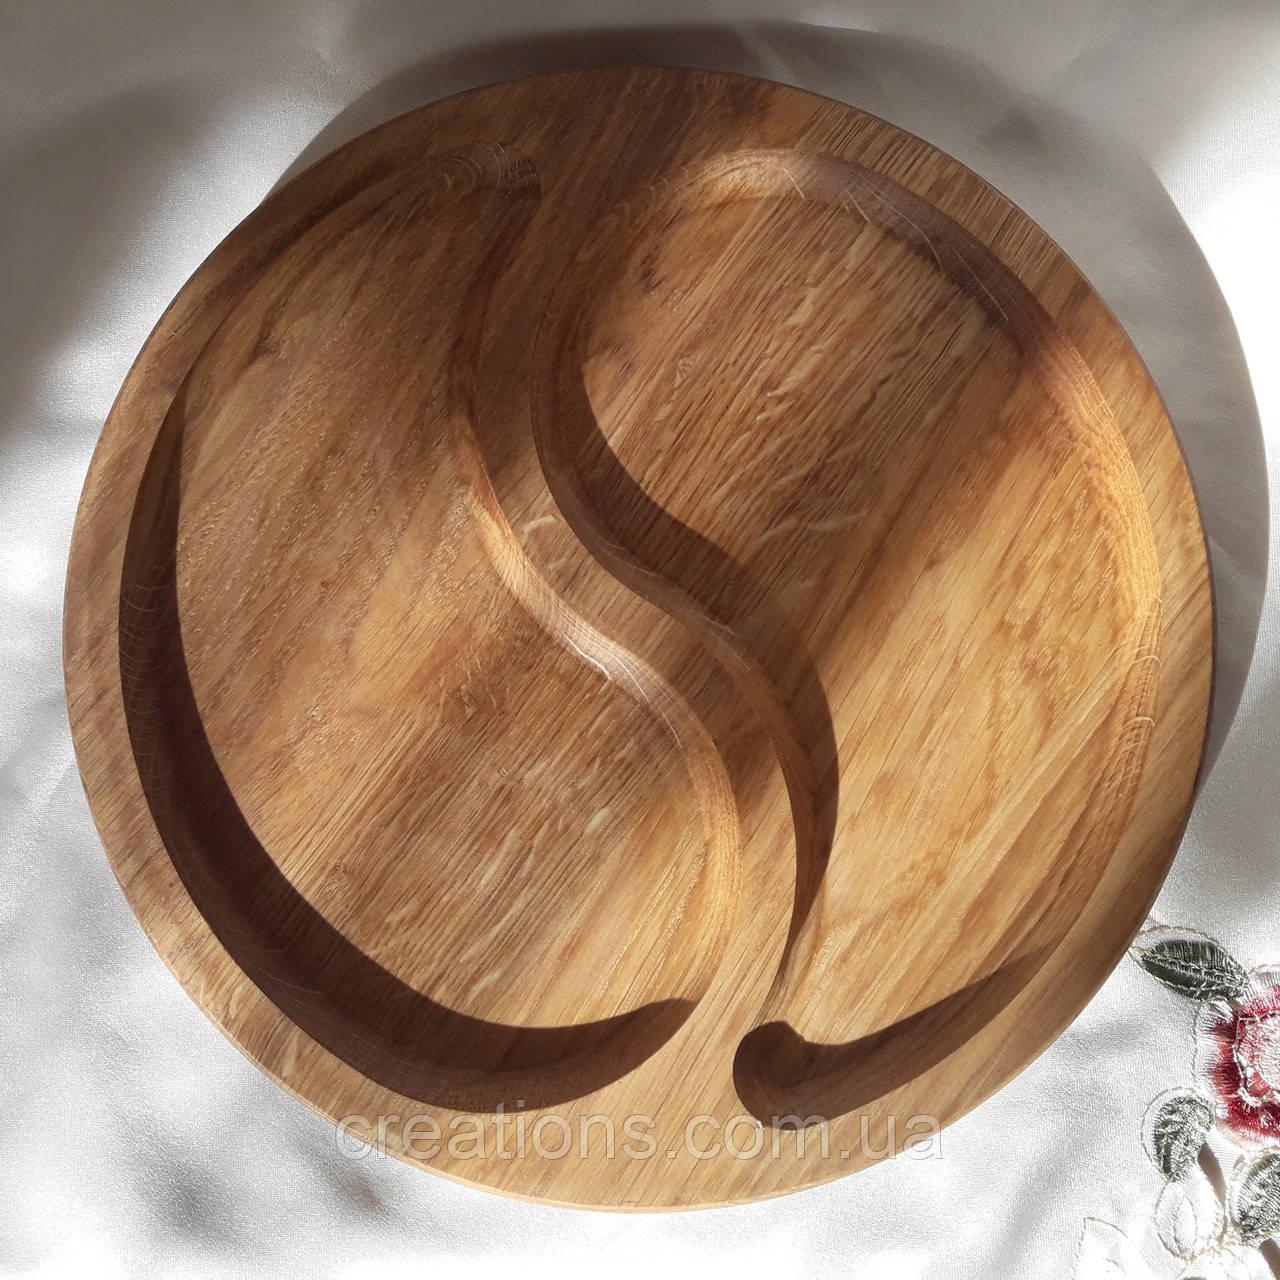 Менажниця дерев'яна дошка для подачі страв 30 см. кругла з дуба на 2 ділення, двостороння